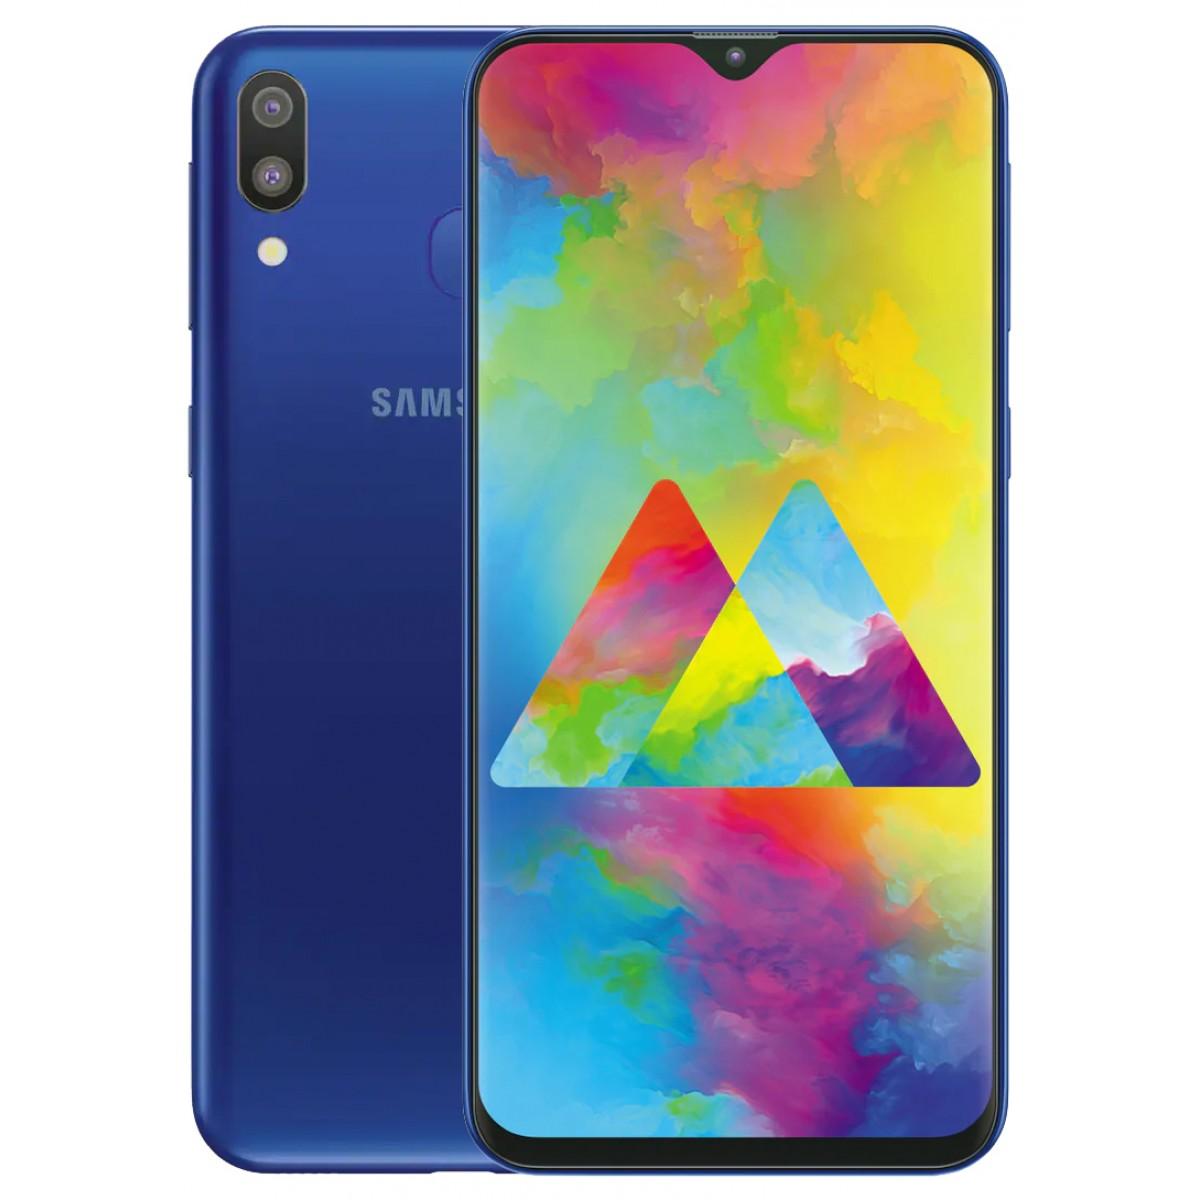 Samsung Galaxy M20 Dual SIM - 32GB 3GB RAM 4G LTE Ocean Blue